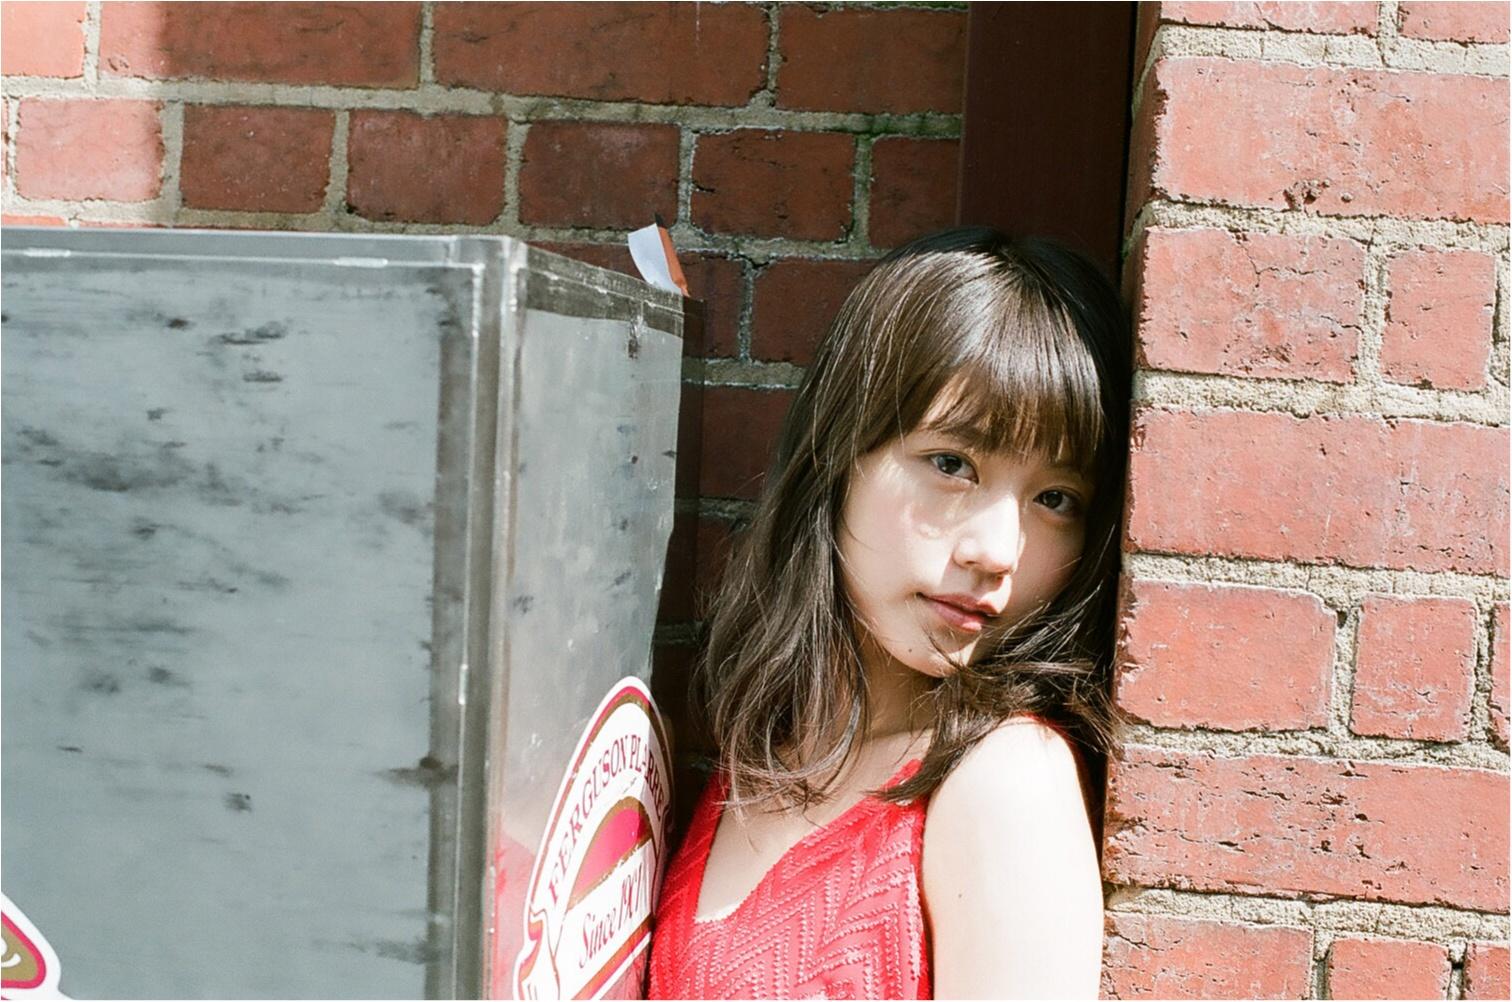 今日が25歳のバースディ! 女優・有村架純さんがセルフプロデュースの写真集を発売します!【5/9(水)発売予定】_1